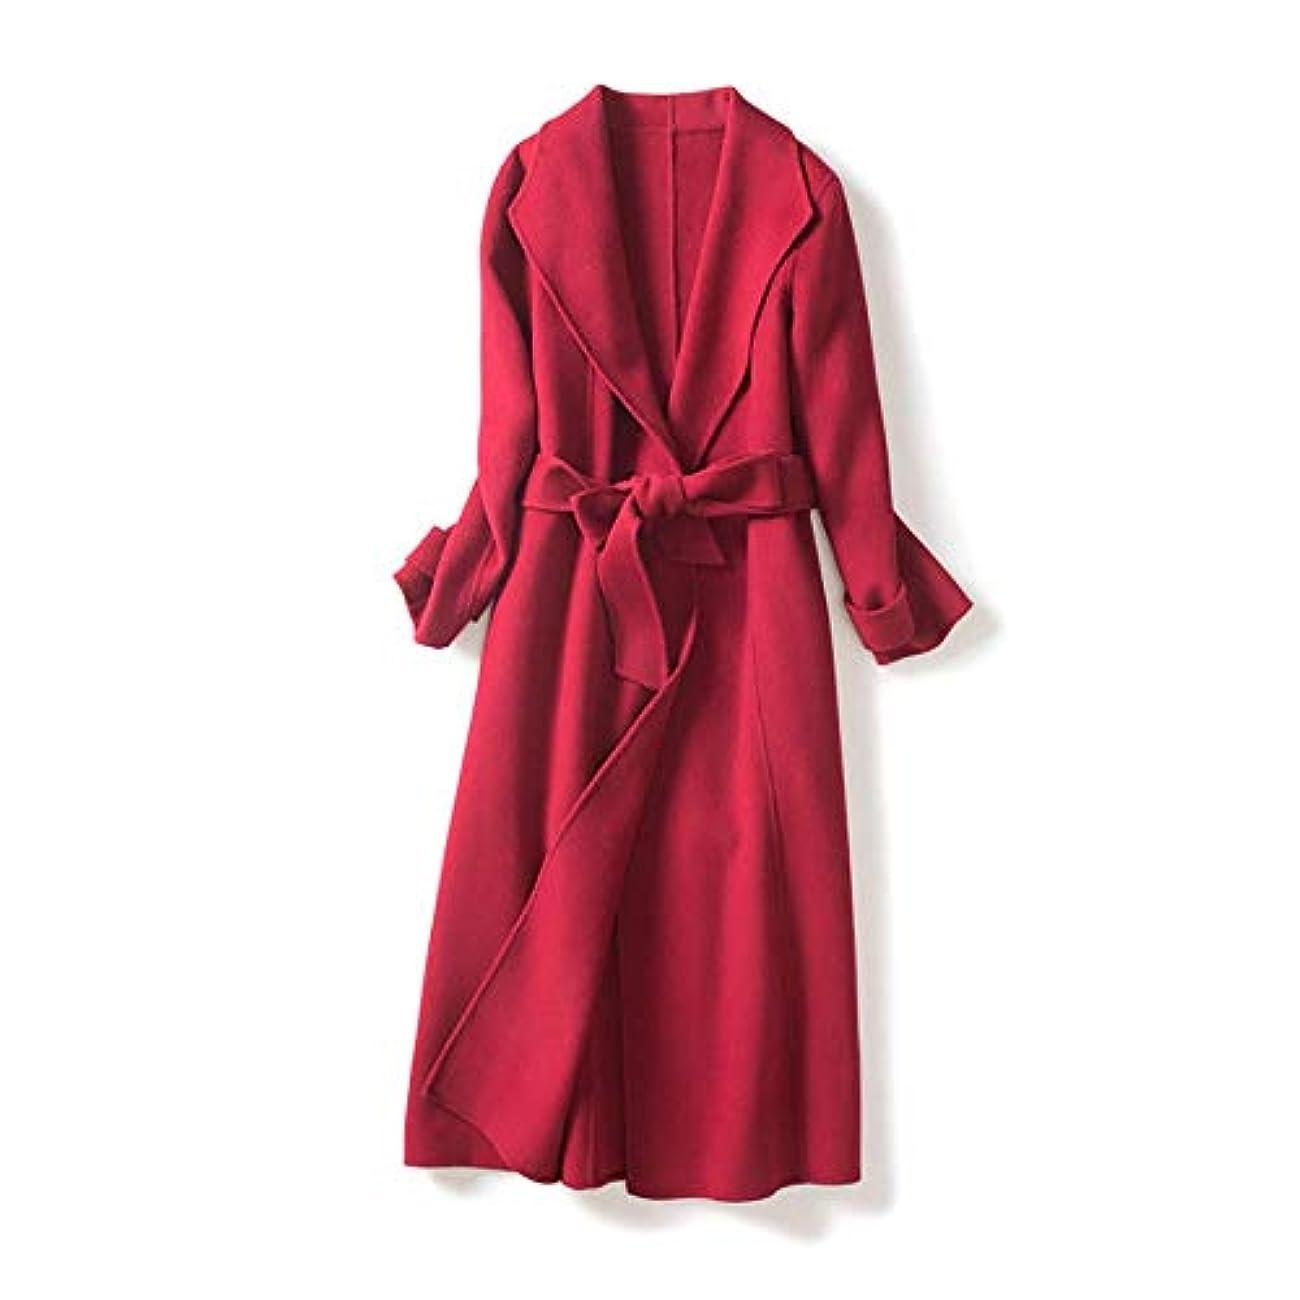 自発合図考えるNew Woolen Coat、Women's Double-Faced Coat Australian Wool 2019 Autumn And Winter New Woolen Coat Women's Coats Womens Windbreaker Jackets,S